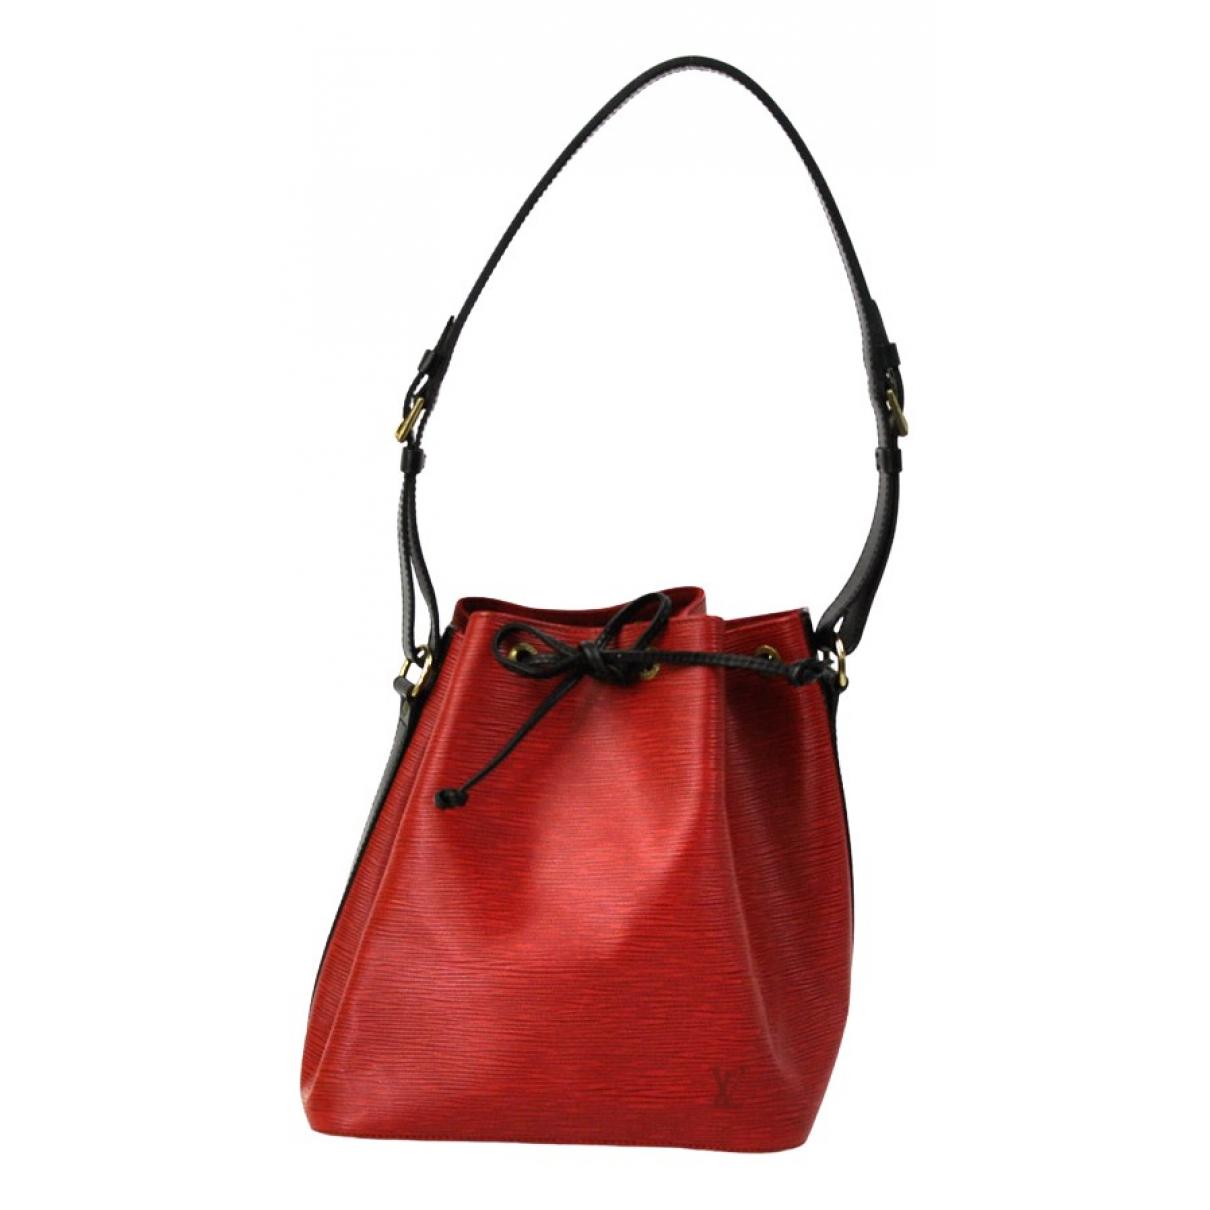 Louis Vuitton Noe Handtasche in  Rot Leder